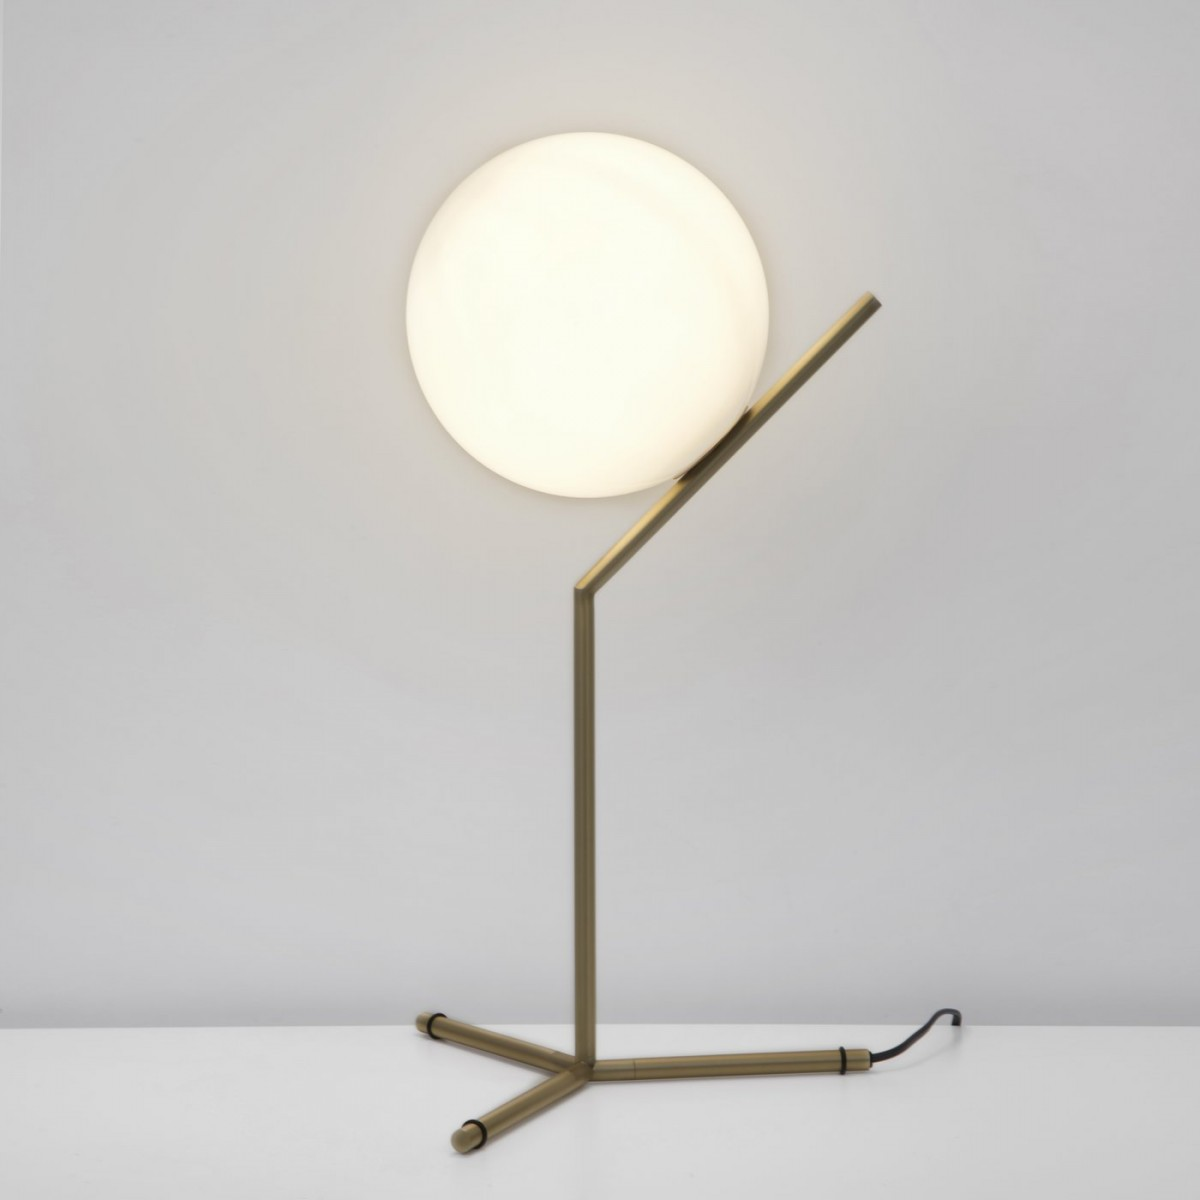 Lampade da tavolo design in luce for Lampade da tavolo design famose